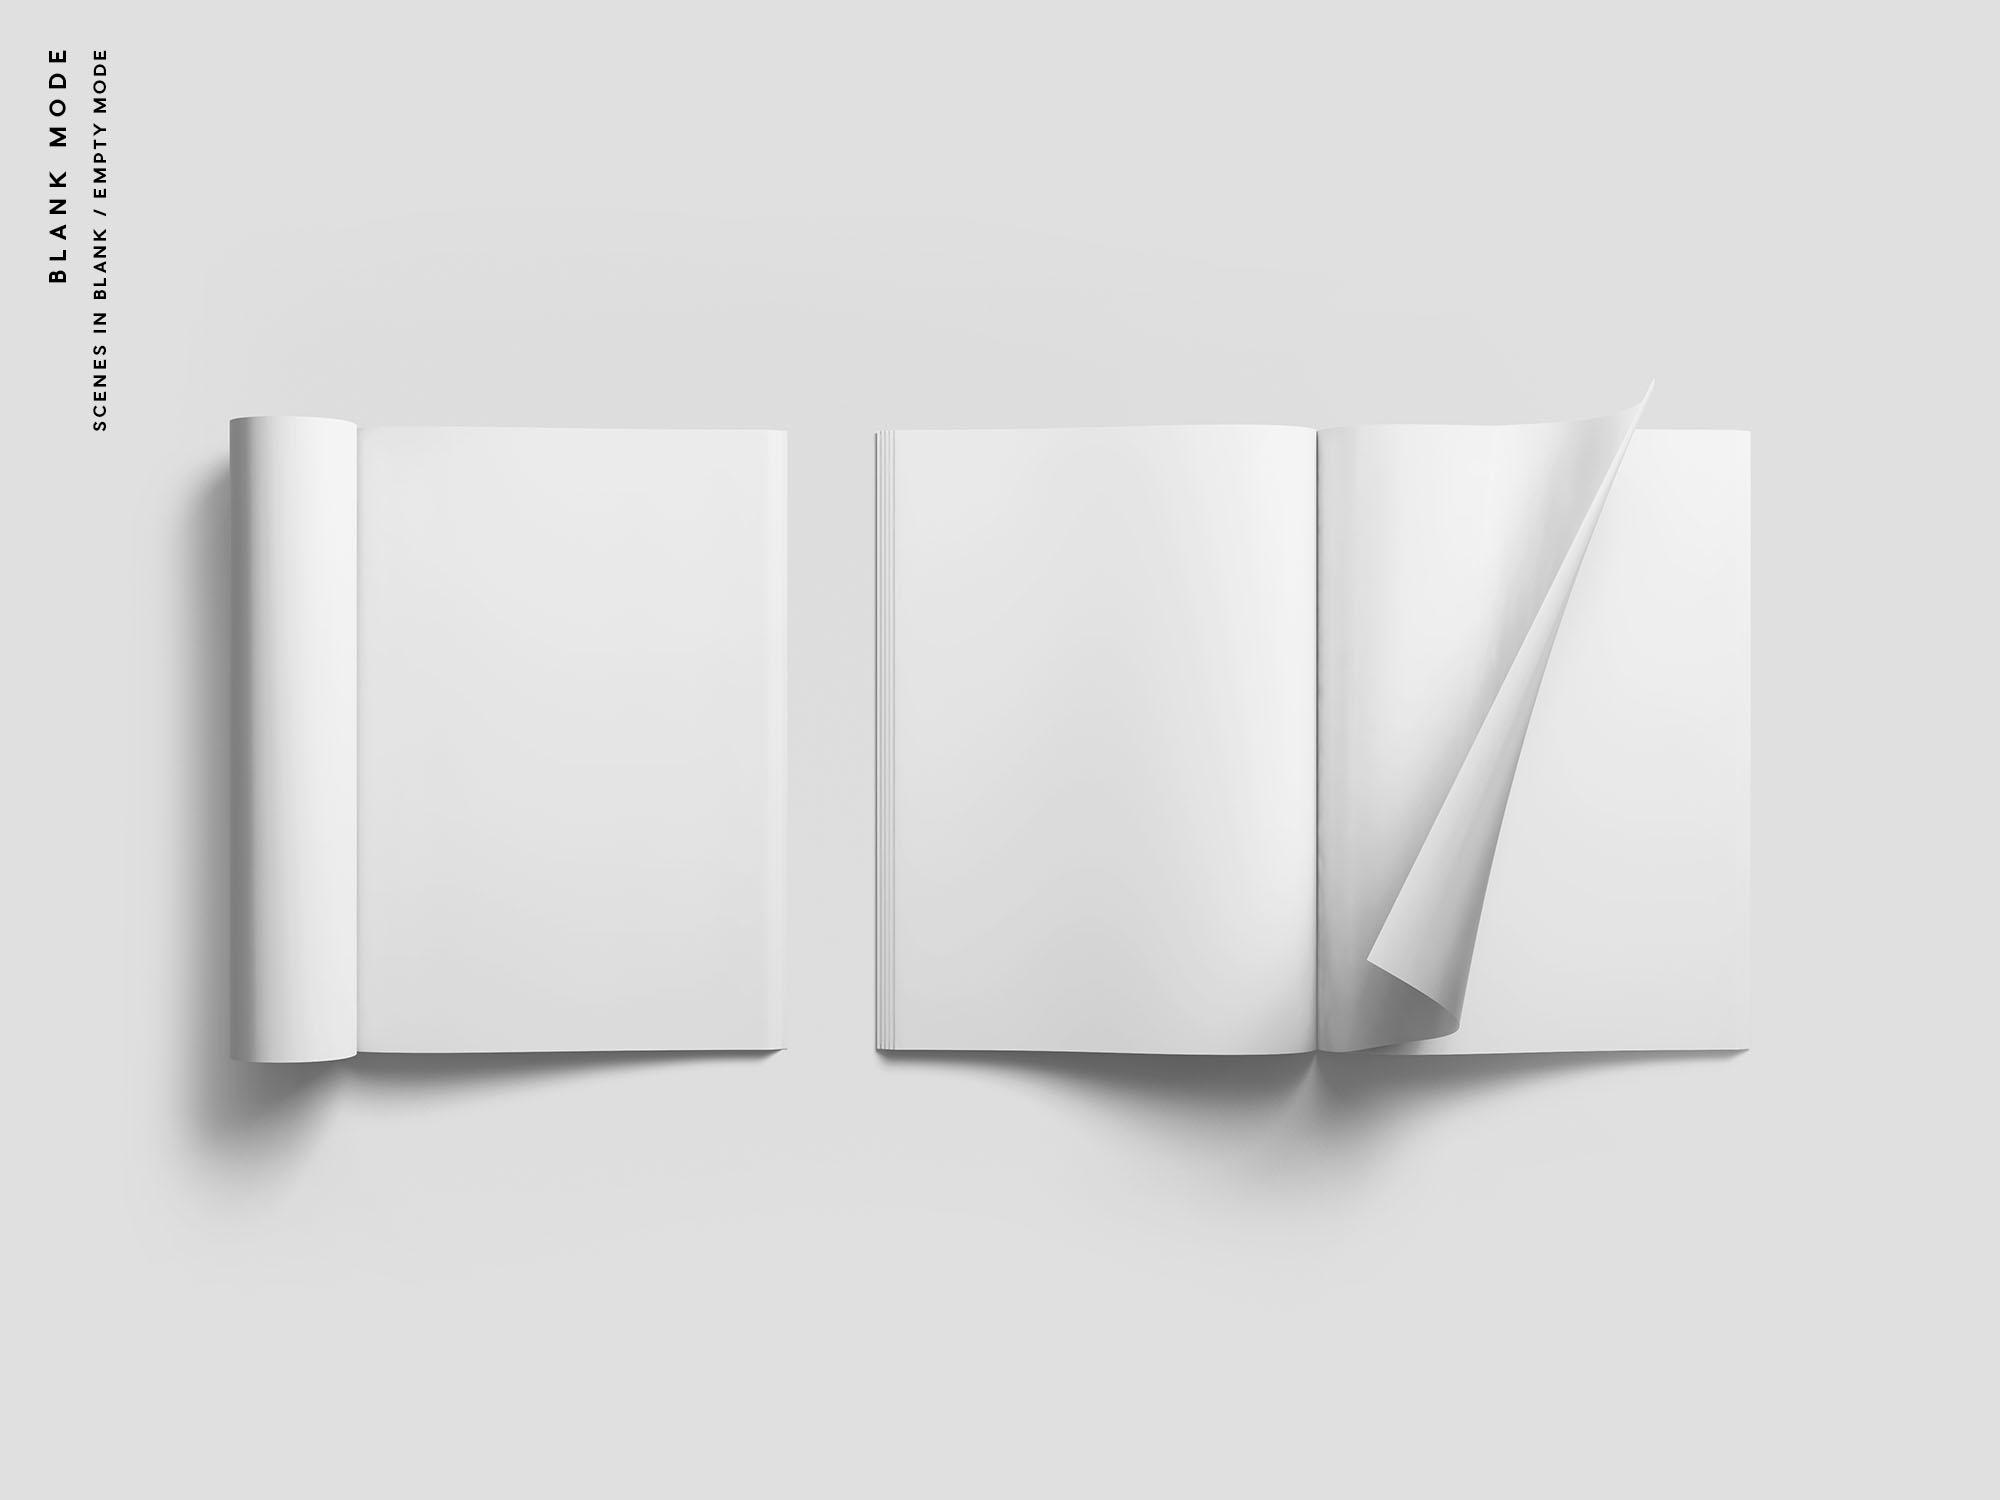 Magazine Mockup - Blank Mode